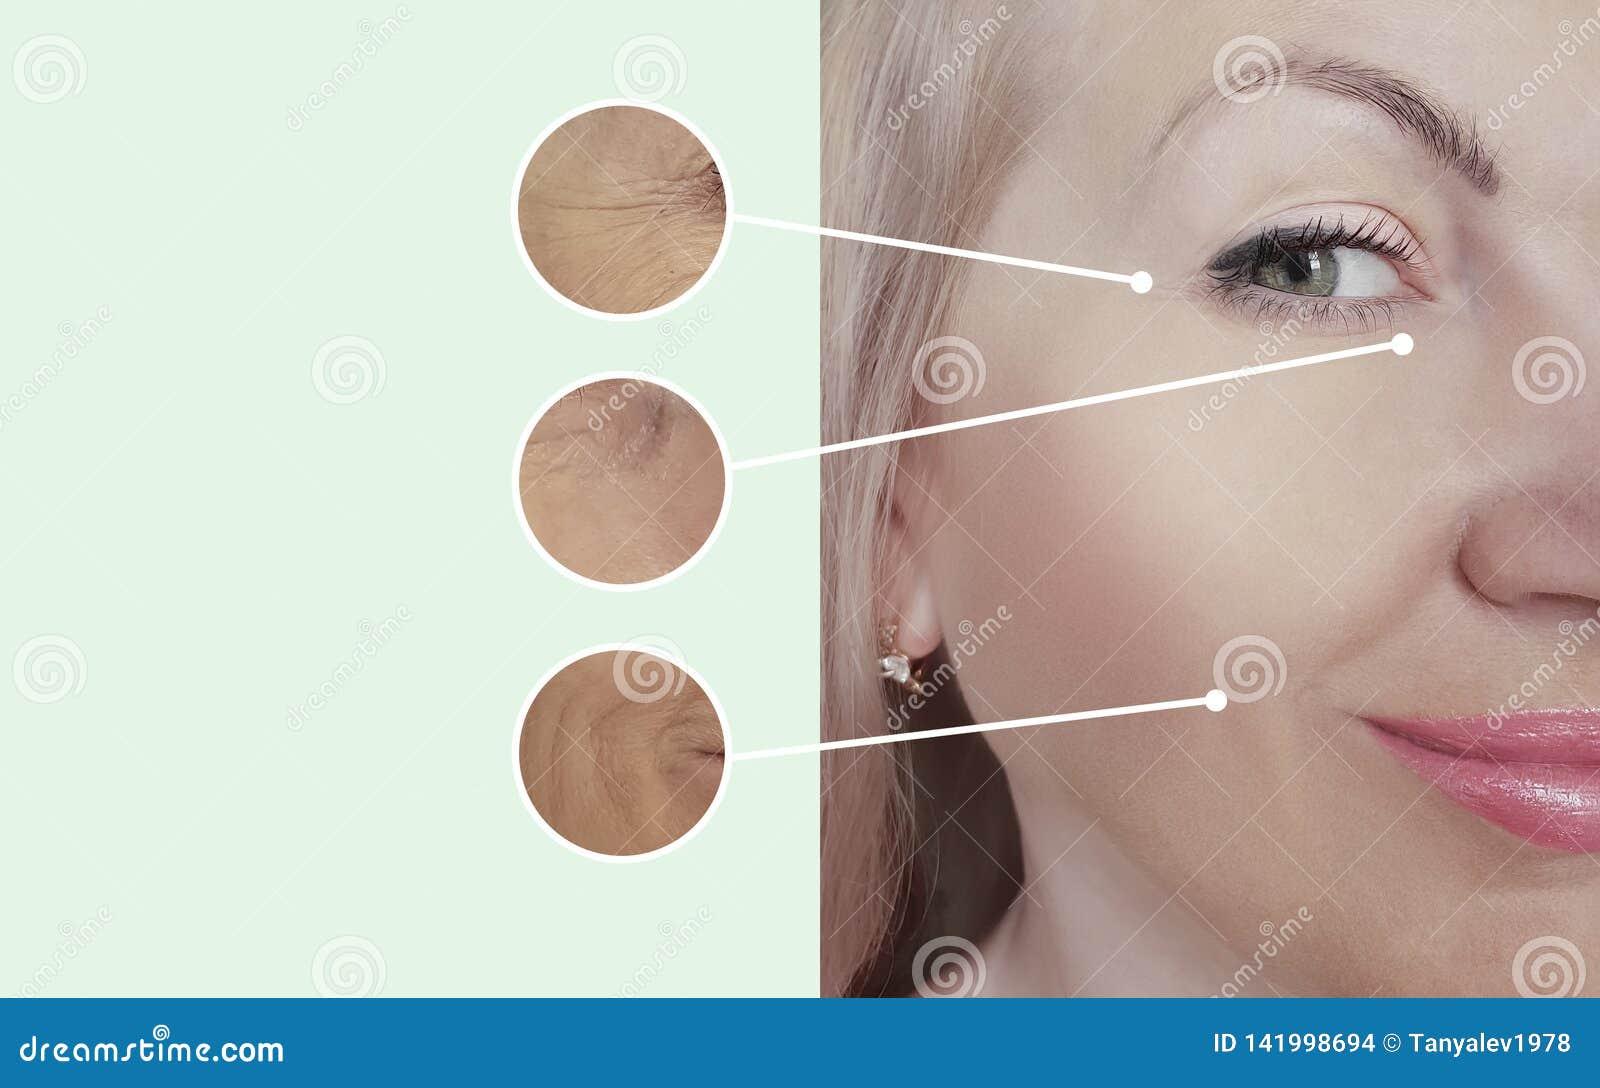 Arrugas de la mujer antes después del contraste de los procedimientos de la regeneración del collage